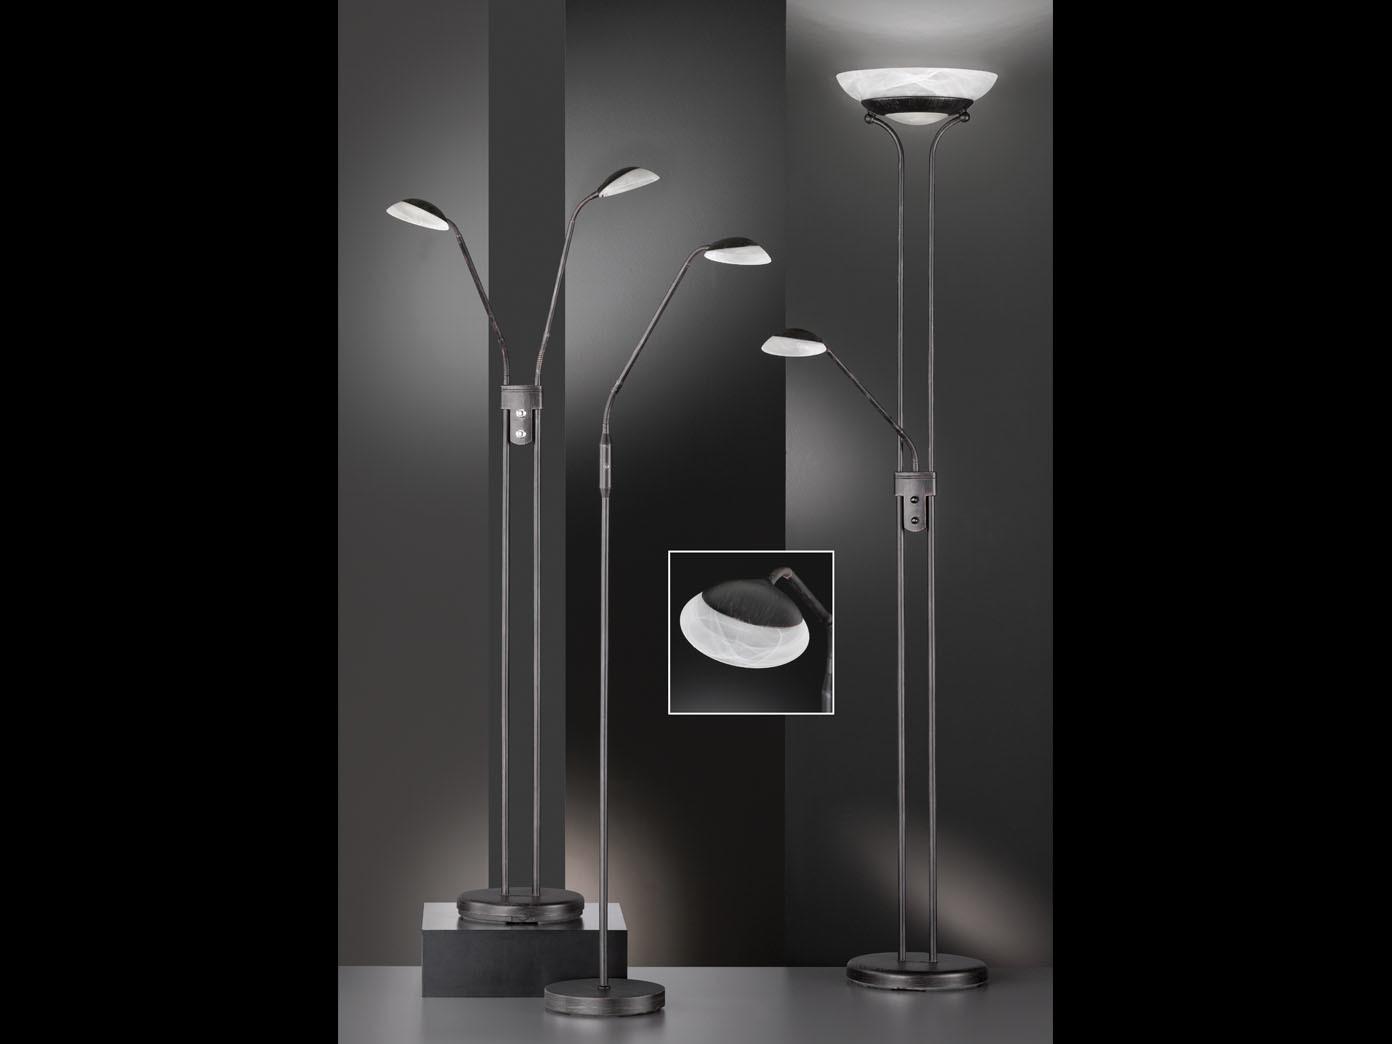 design led deckenfluter dimmbar mit leselampe rostfarbig stehlampe mit leselicht ebay. Black Bedroom Furniture Sets. Home Design Ideas